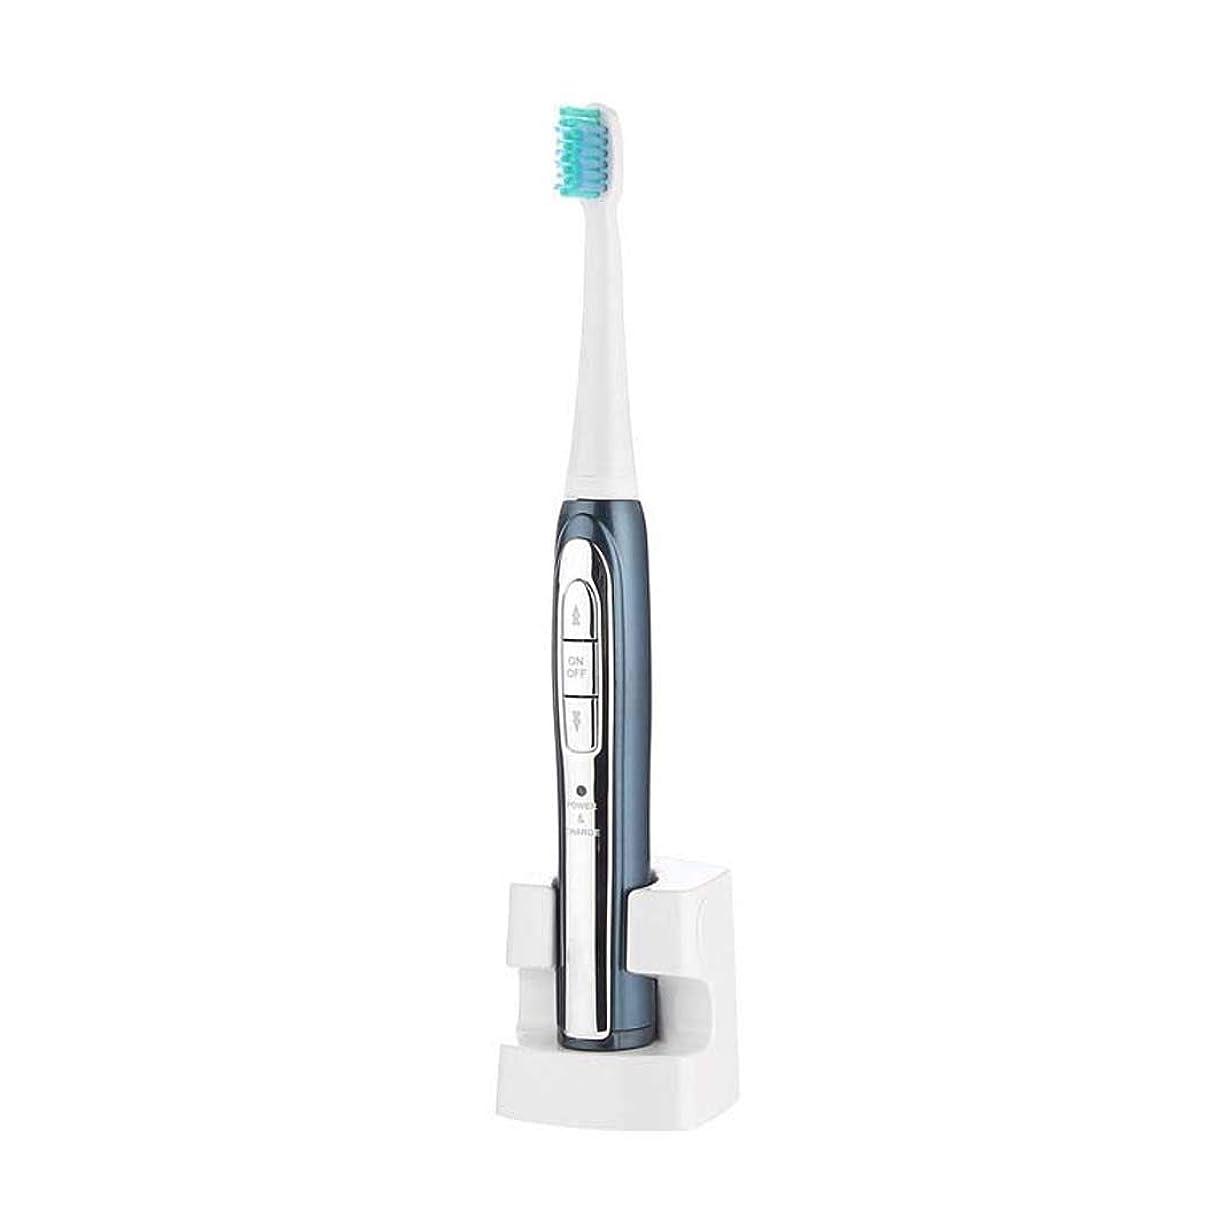 穿孔する責め感じる電動歯ブラシ、インテリジェントソニック振動歯ブラシ、ホワイトニング電動歯ブラシ、誘導充電、防水